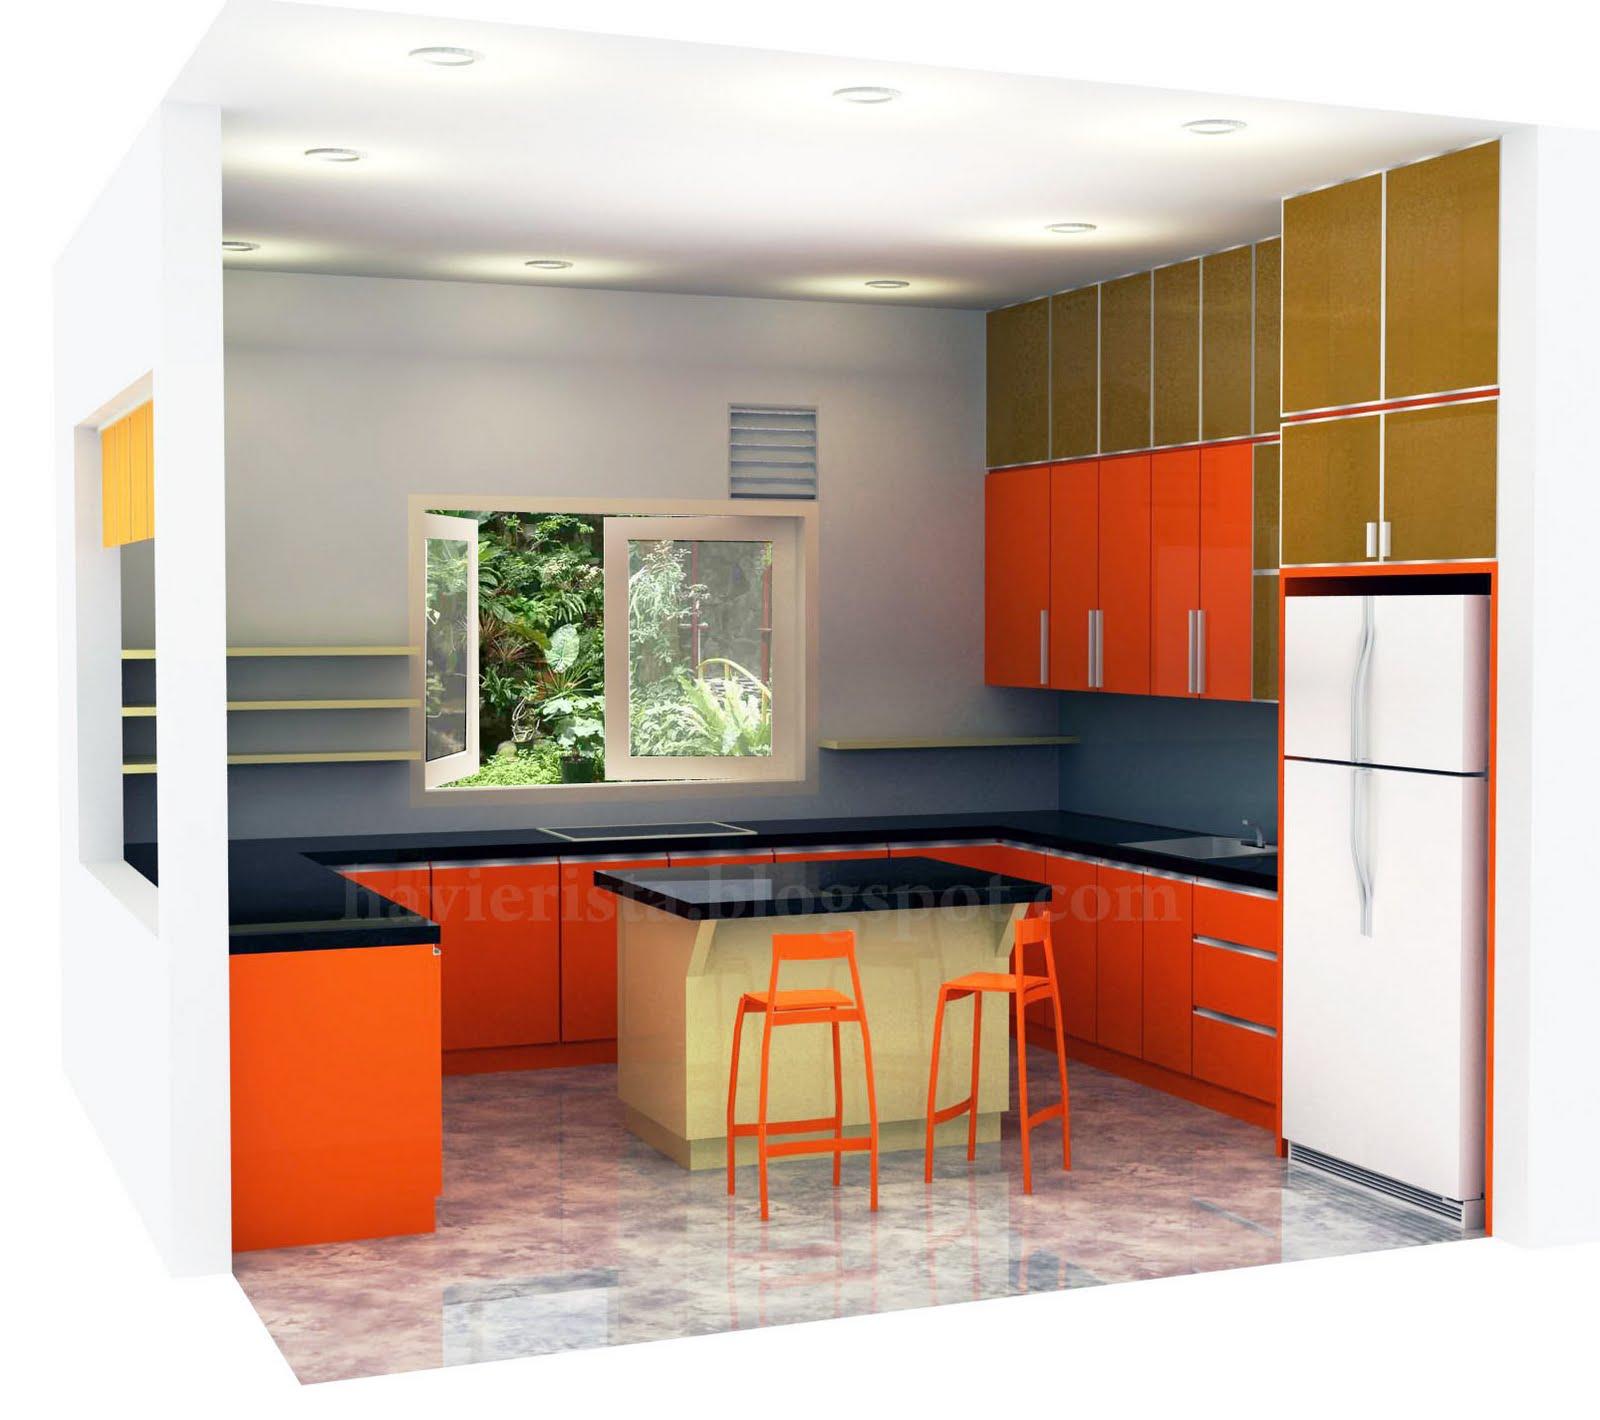 BLUE STRIPES: Cheerful Kitchen With Orange